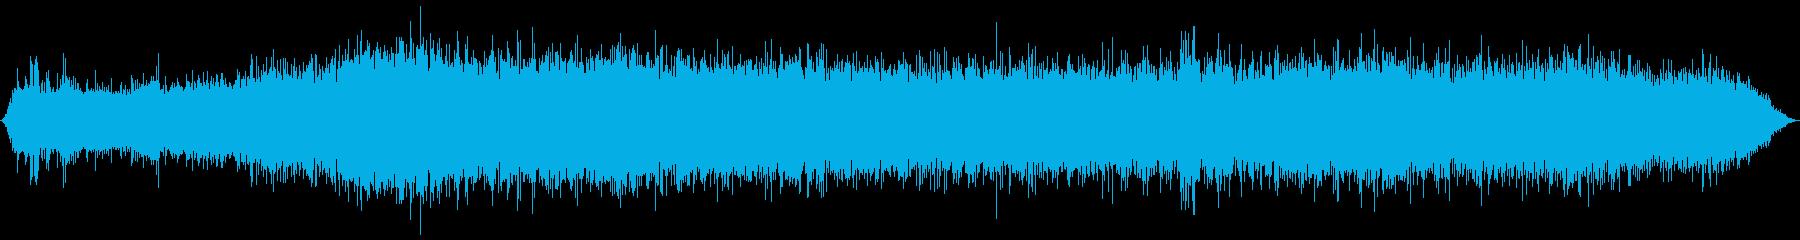 レンジローバーSUV:EXT:オン...の再生済みの波形